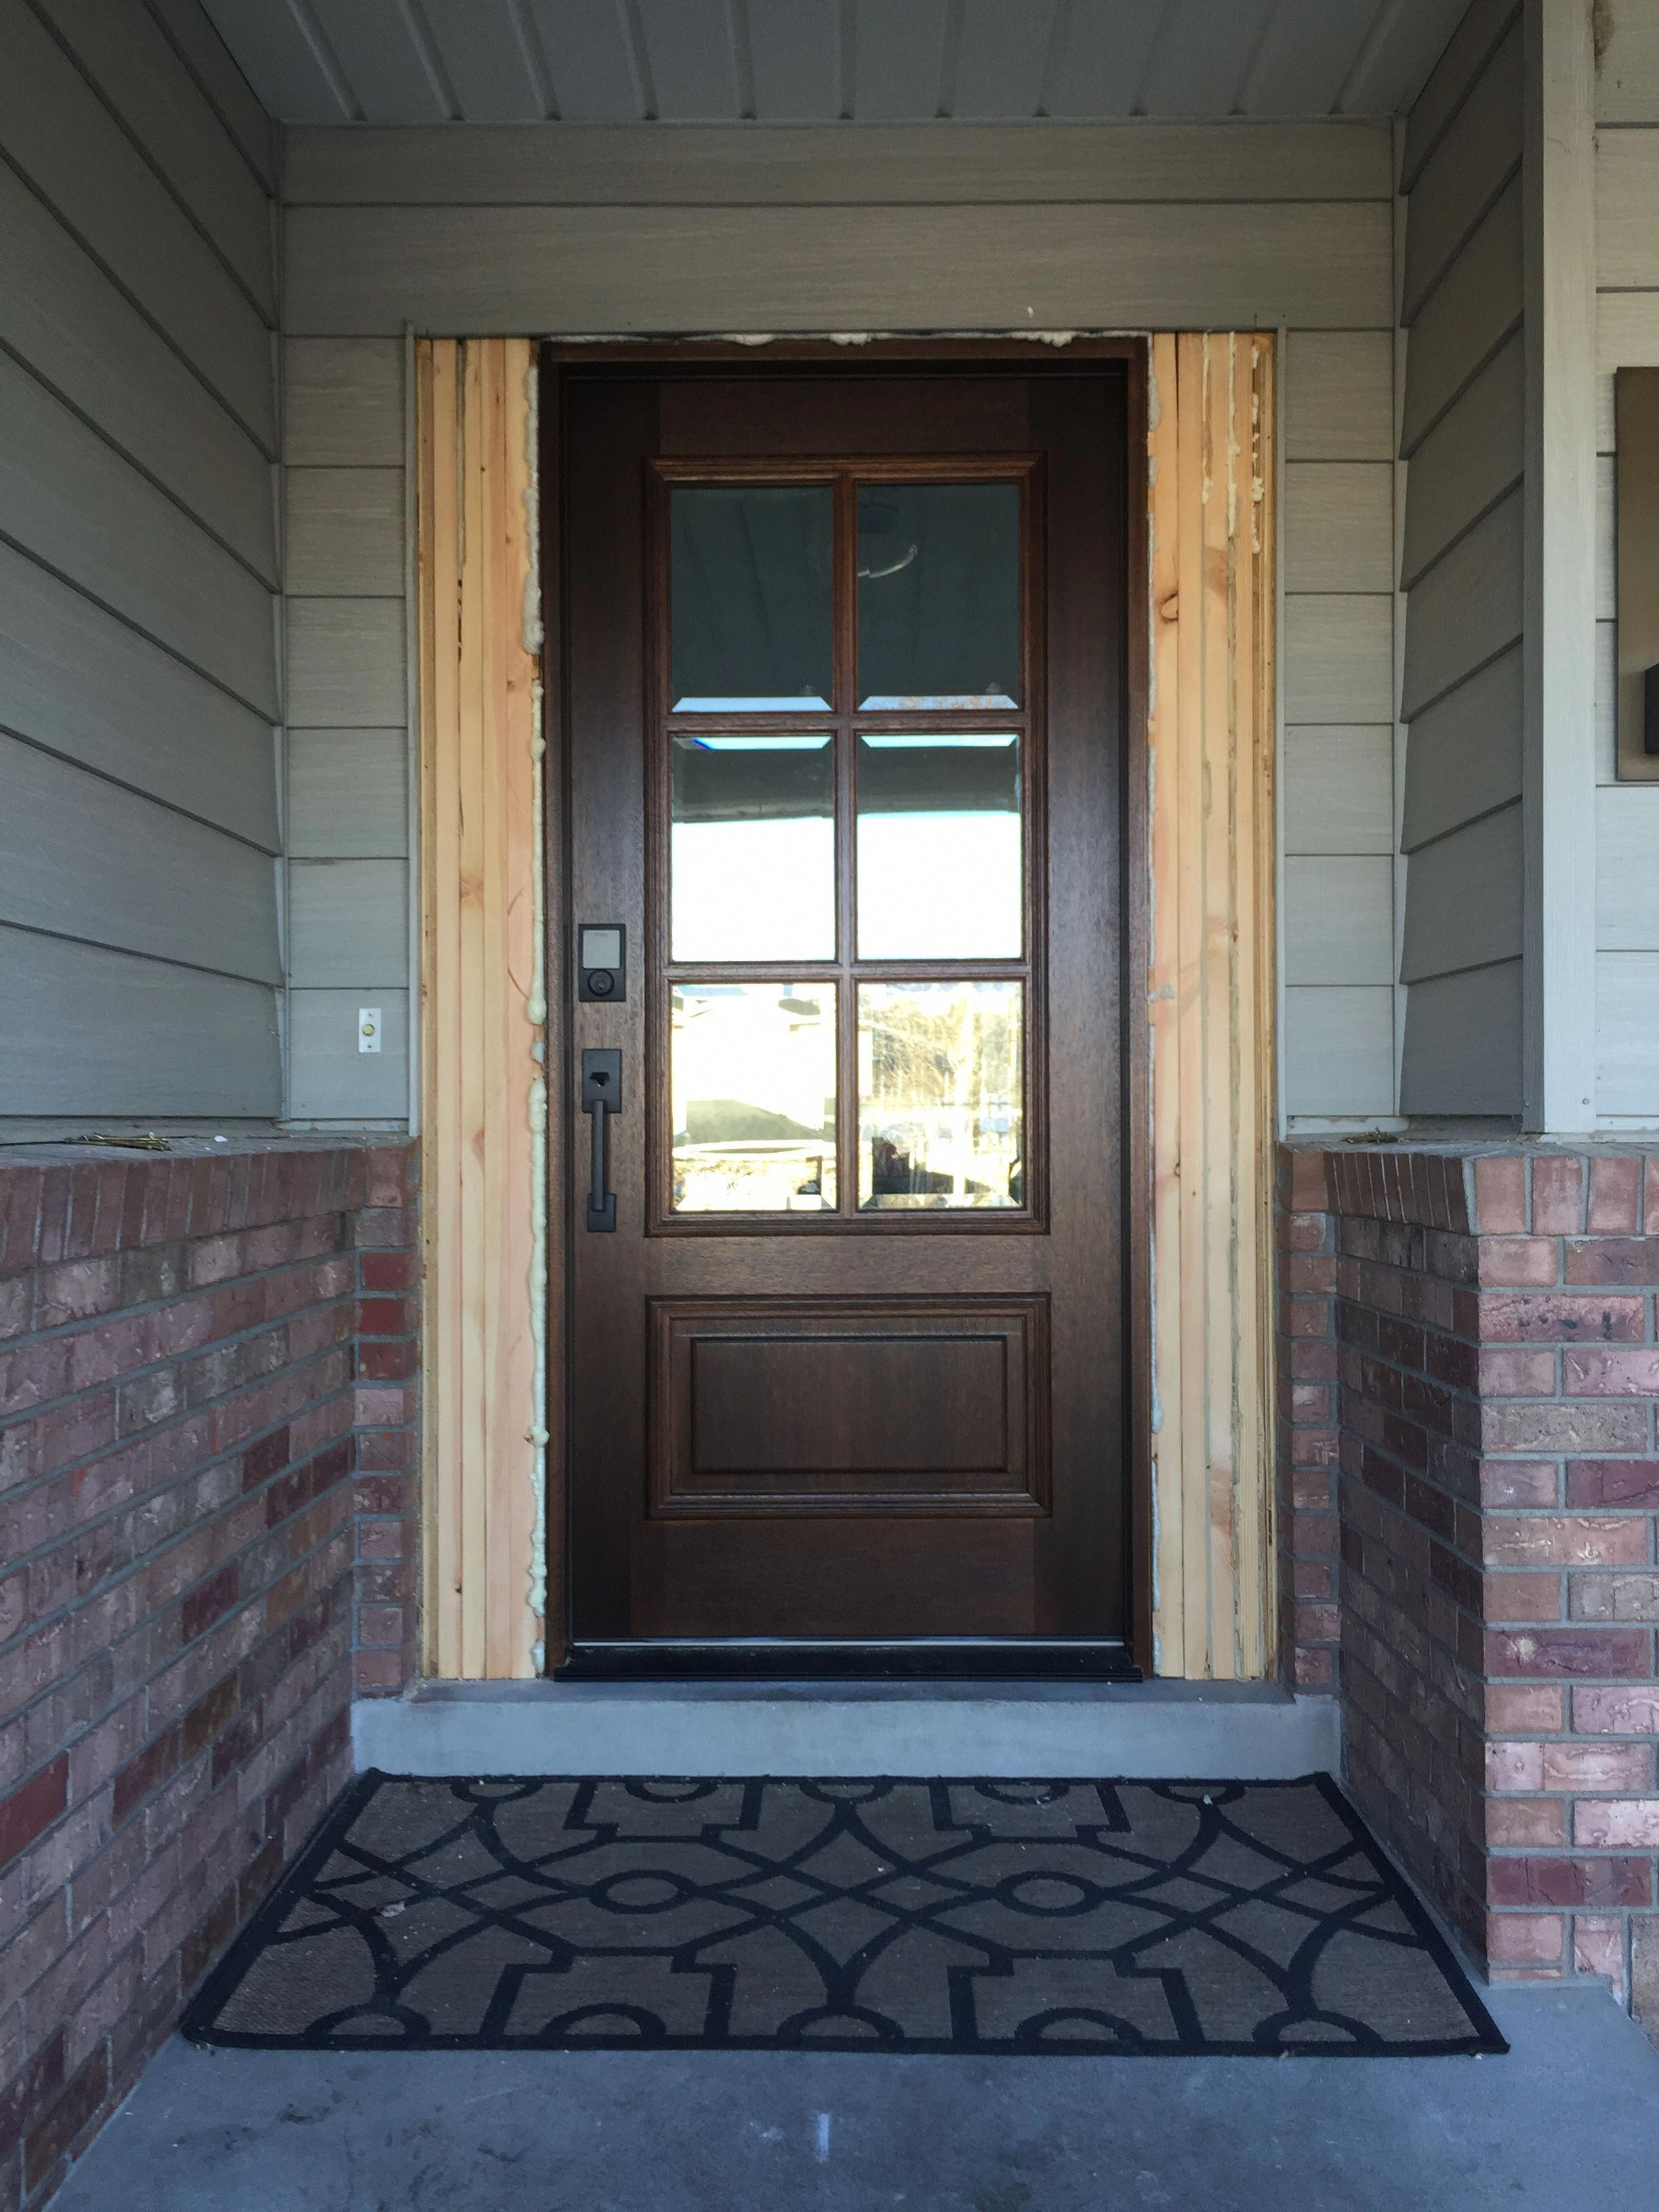 Before And After Our New Front Door Frontdoor Garage Door Styles Garage Door Design Exterior Front Doors